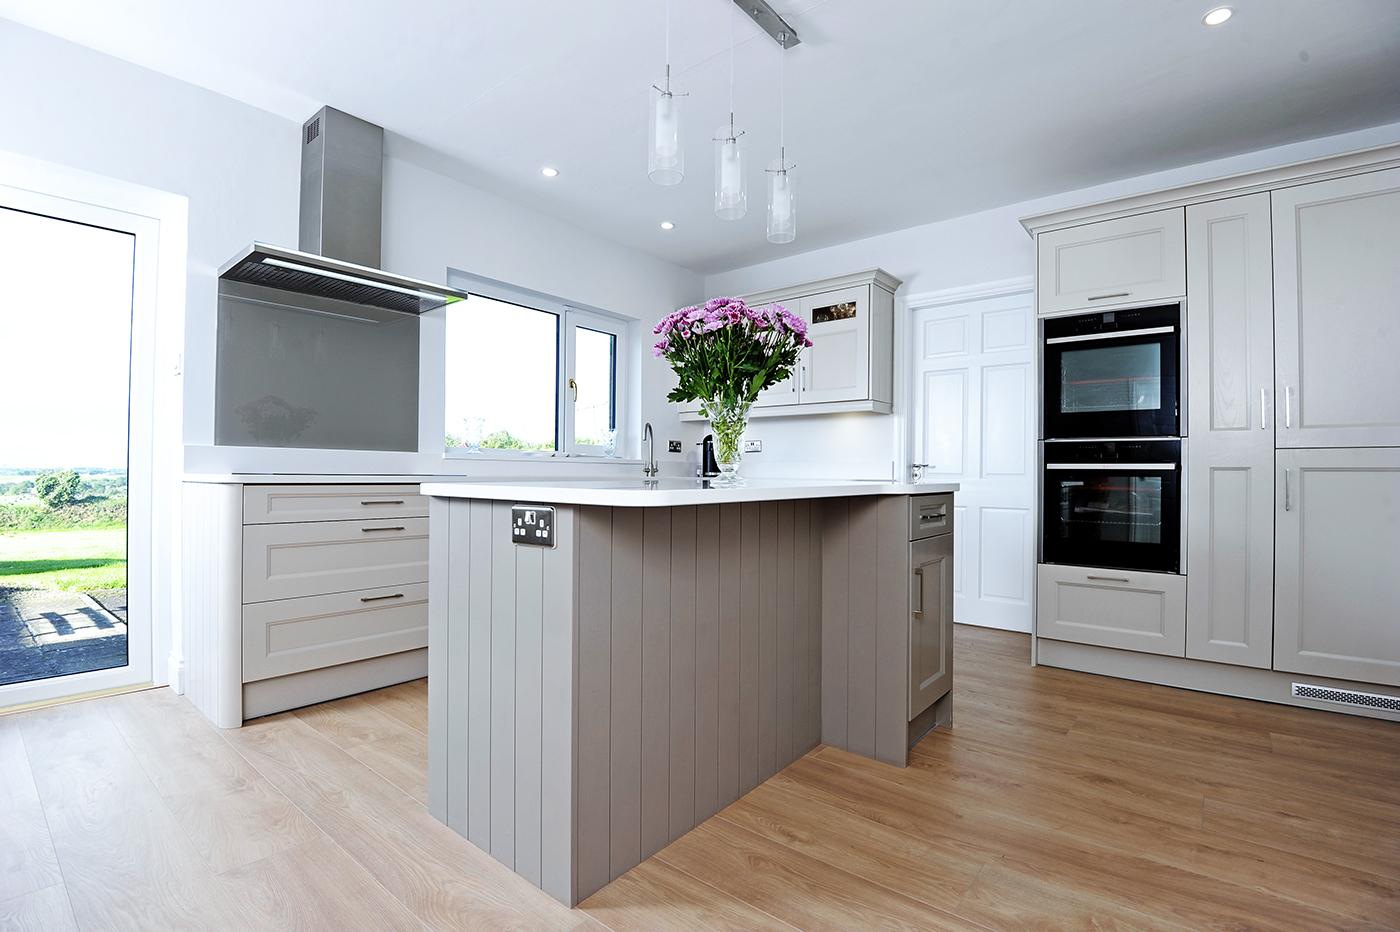 247 Kitchen.Hartigan Kitchens Cork Kitchen Specialists Painted Kitchens